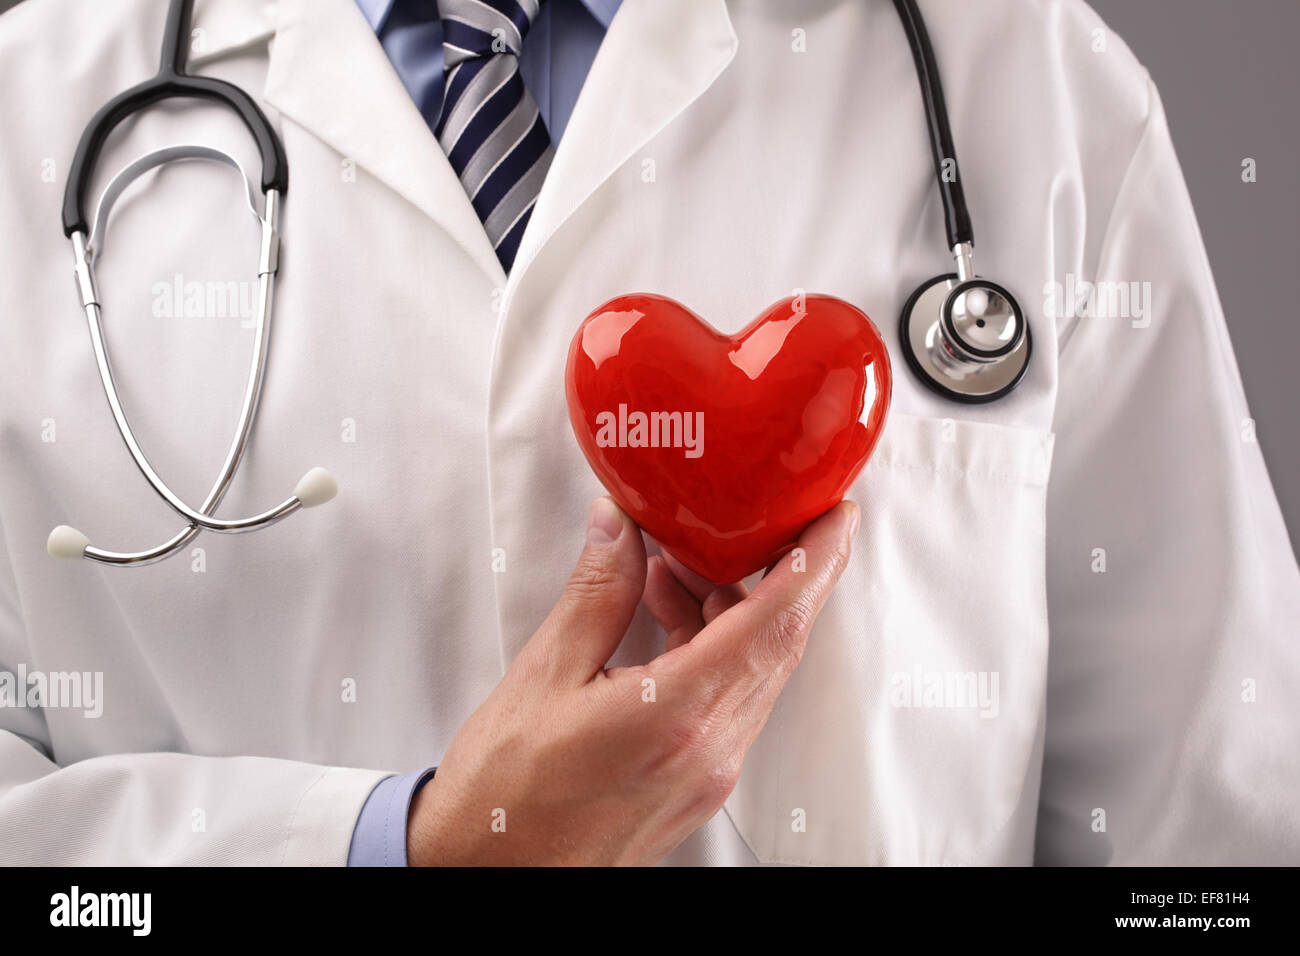 Medico tenendo cuore contro il petto Immagini Stock